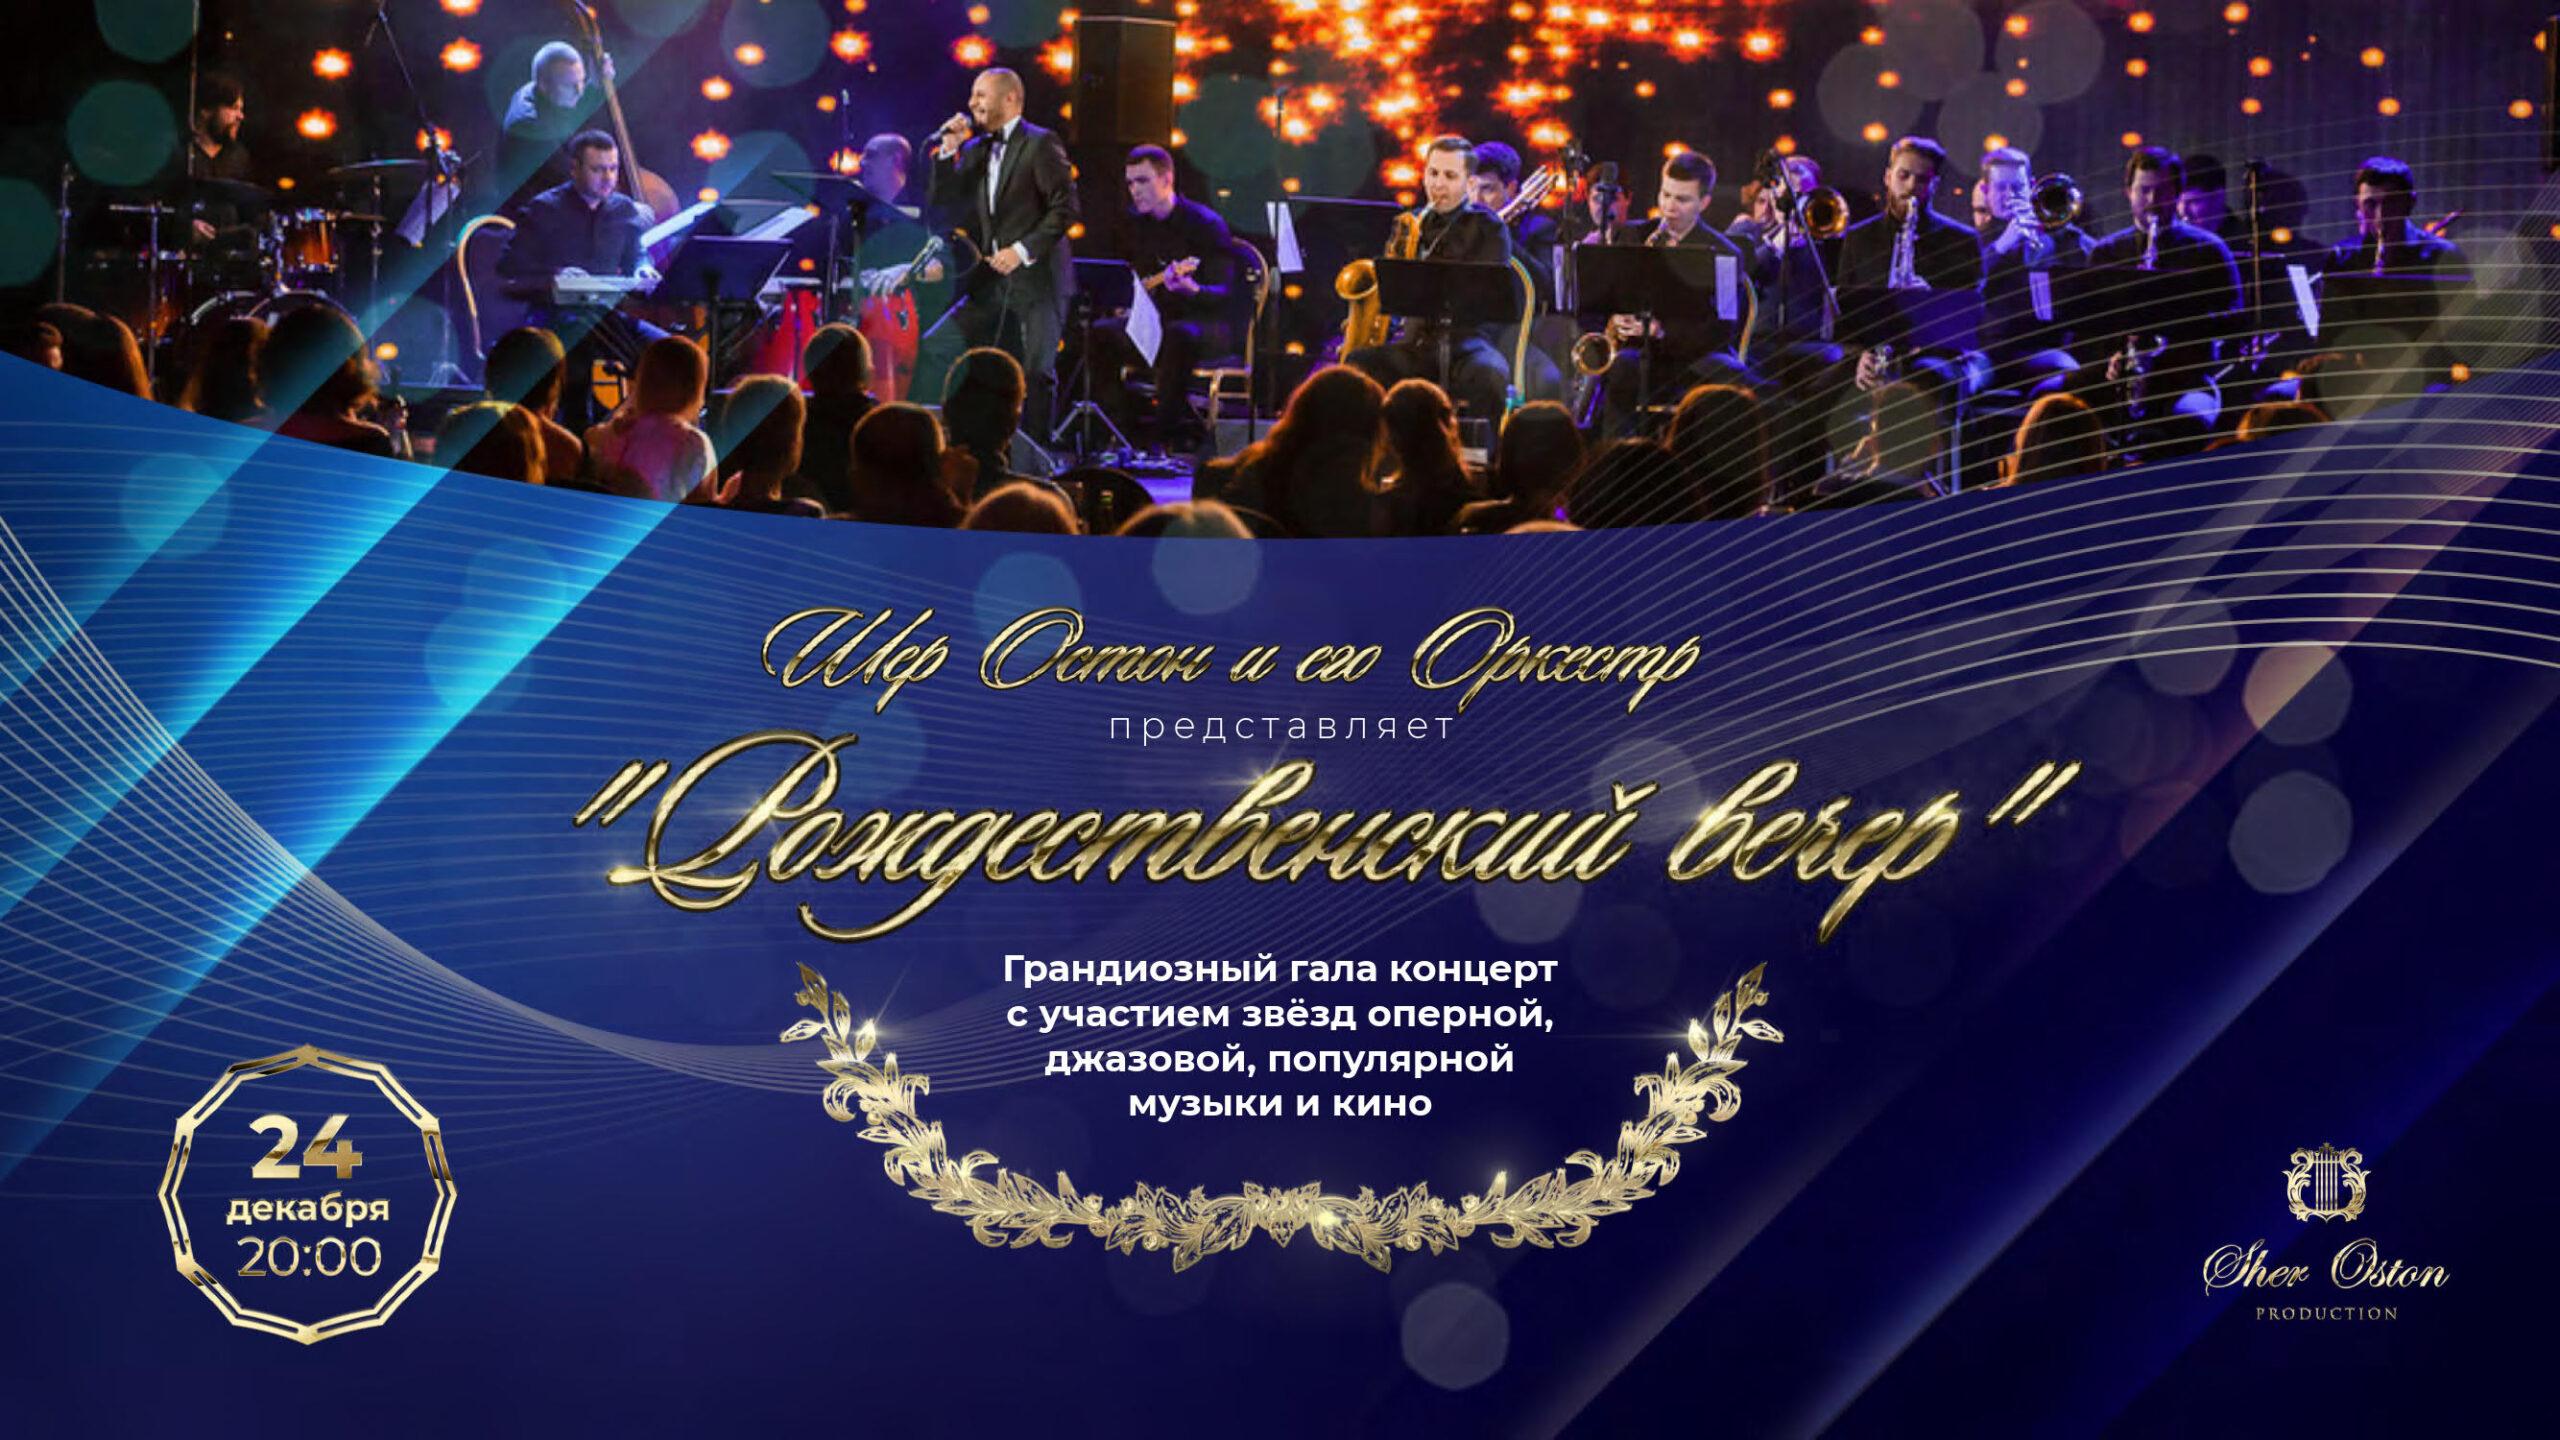 Prezentacija-koncerta-gala-koncert